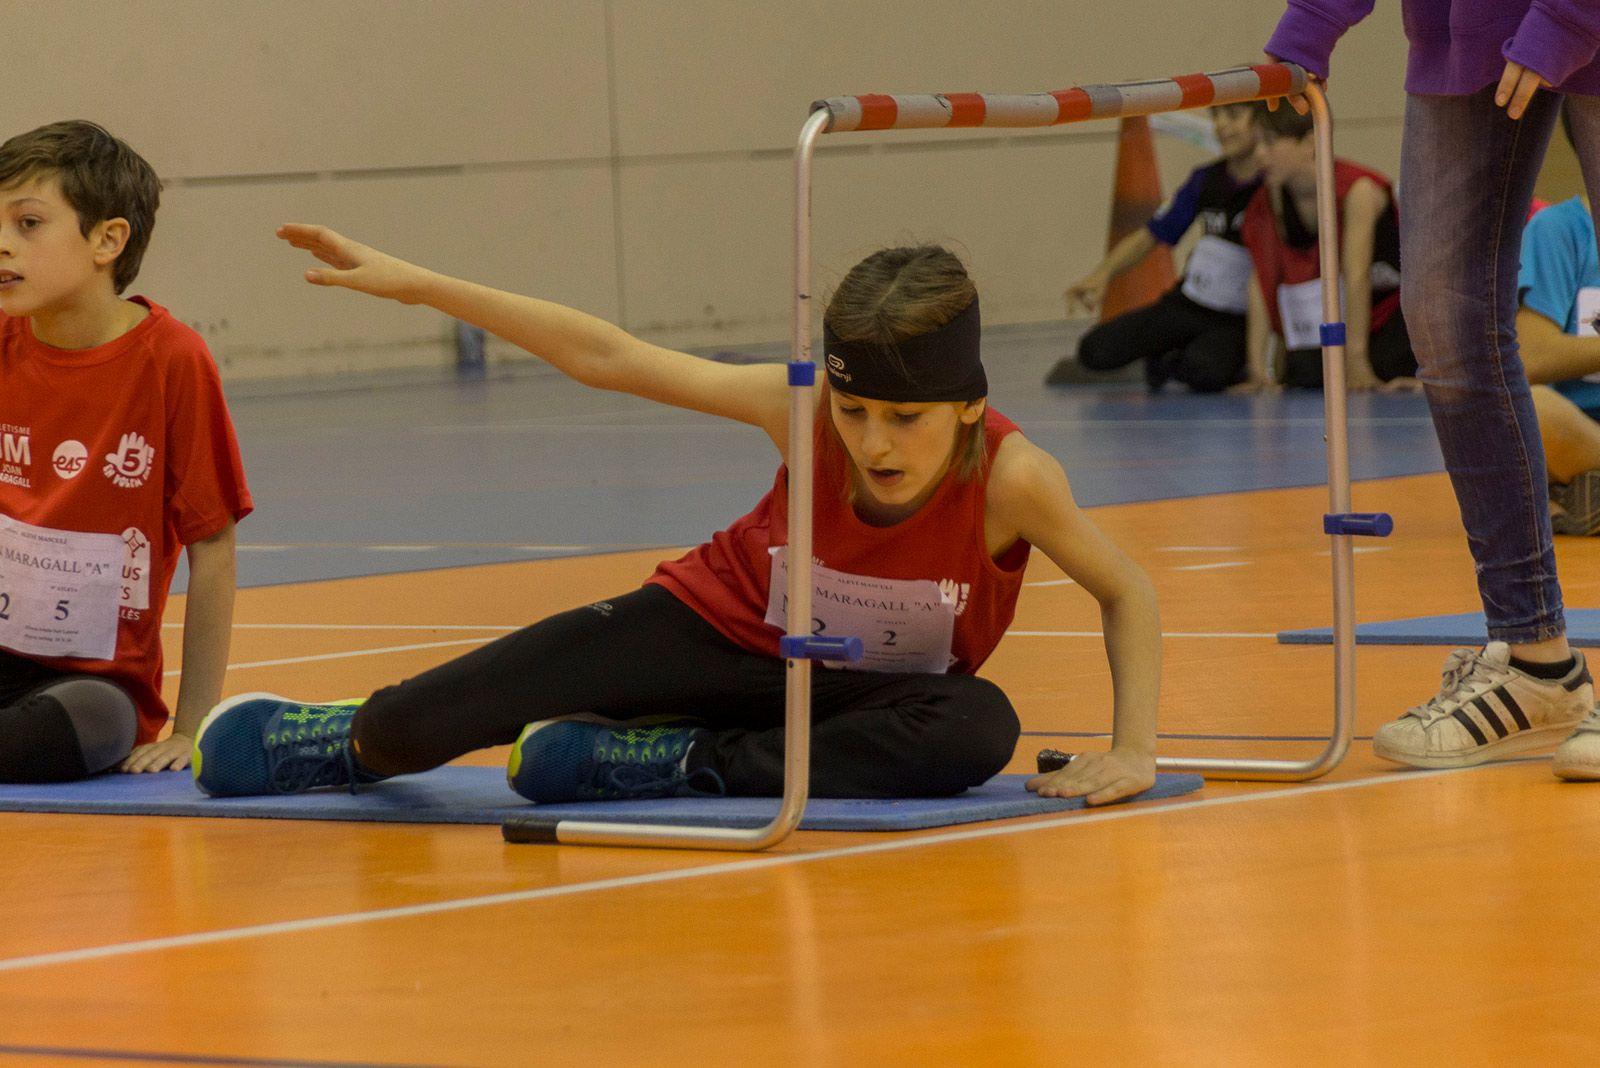 12è campionat local i comarcal Jugant a l'Atletisme. FOTO: Paula Galván.